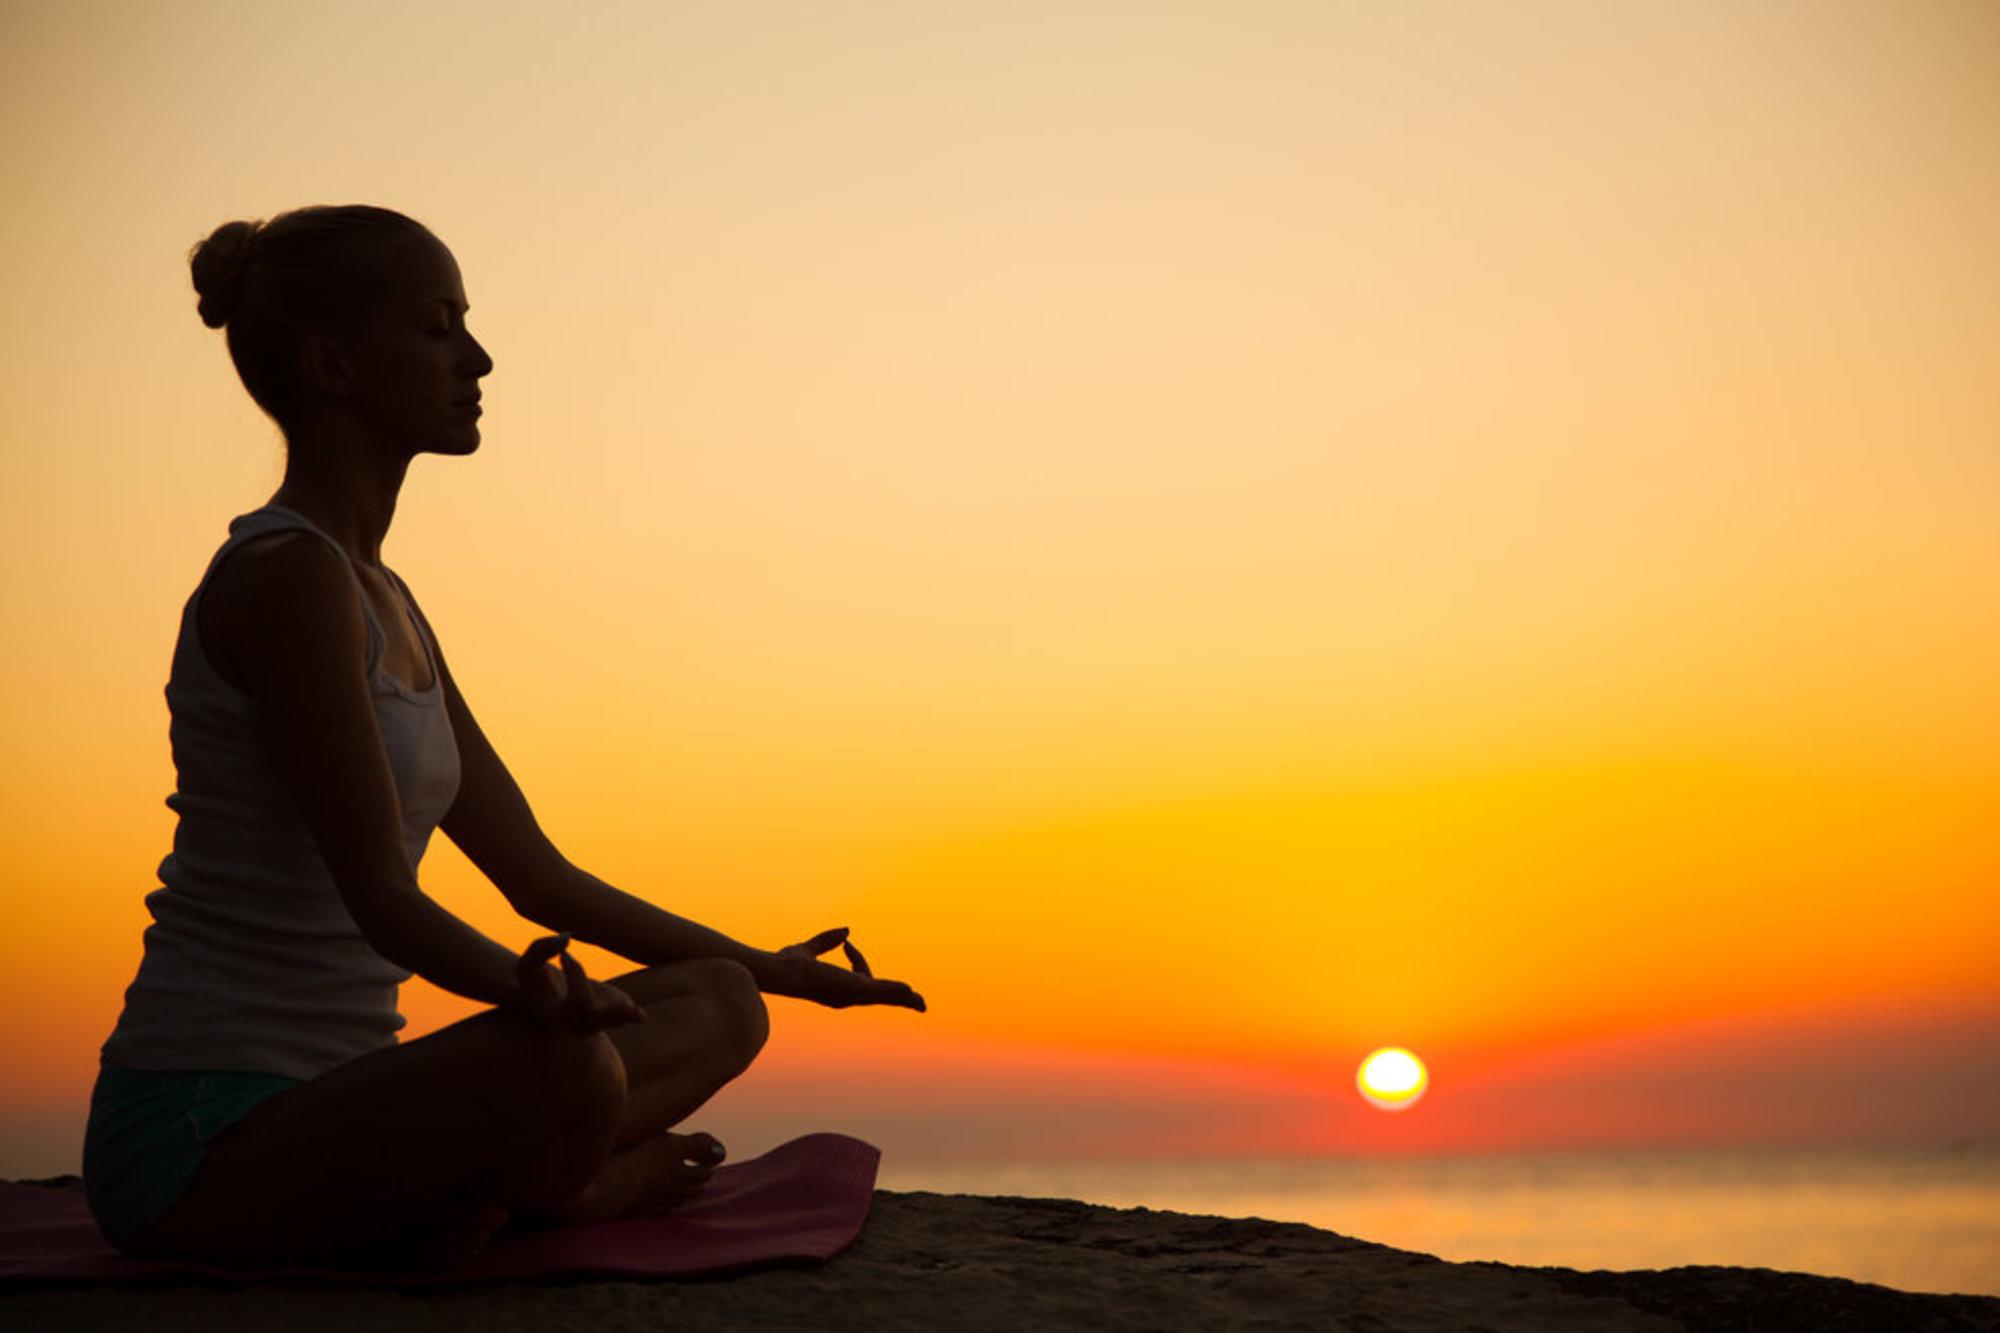 Темная сторона медитации: вкаких случаях развитие осознанности может привести кпсихологическому кризису